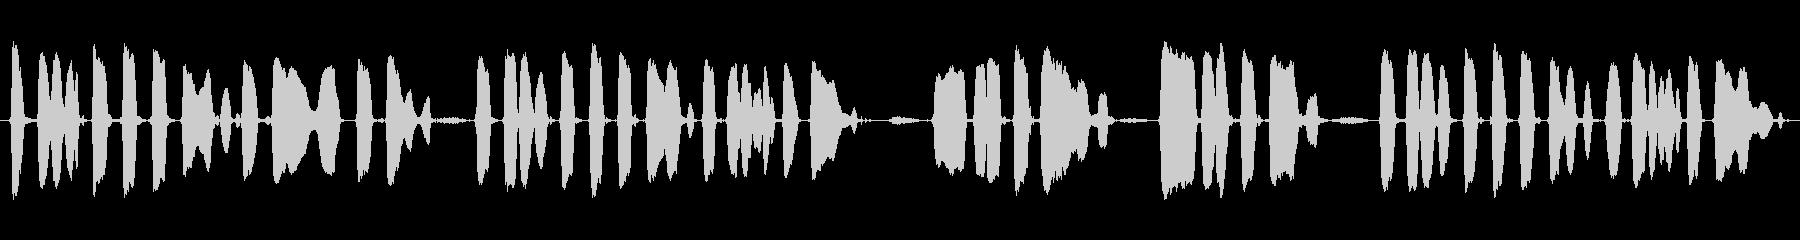 ミュージカルチューン:「キャンプタ...の未再生の波形